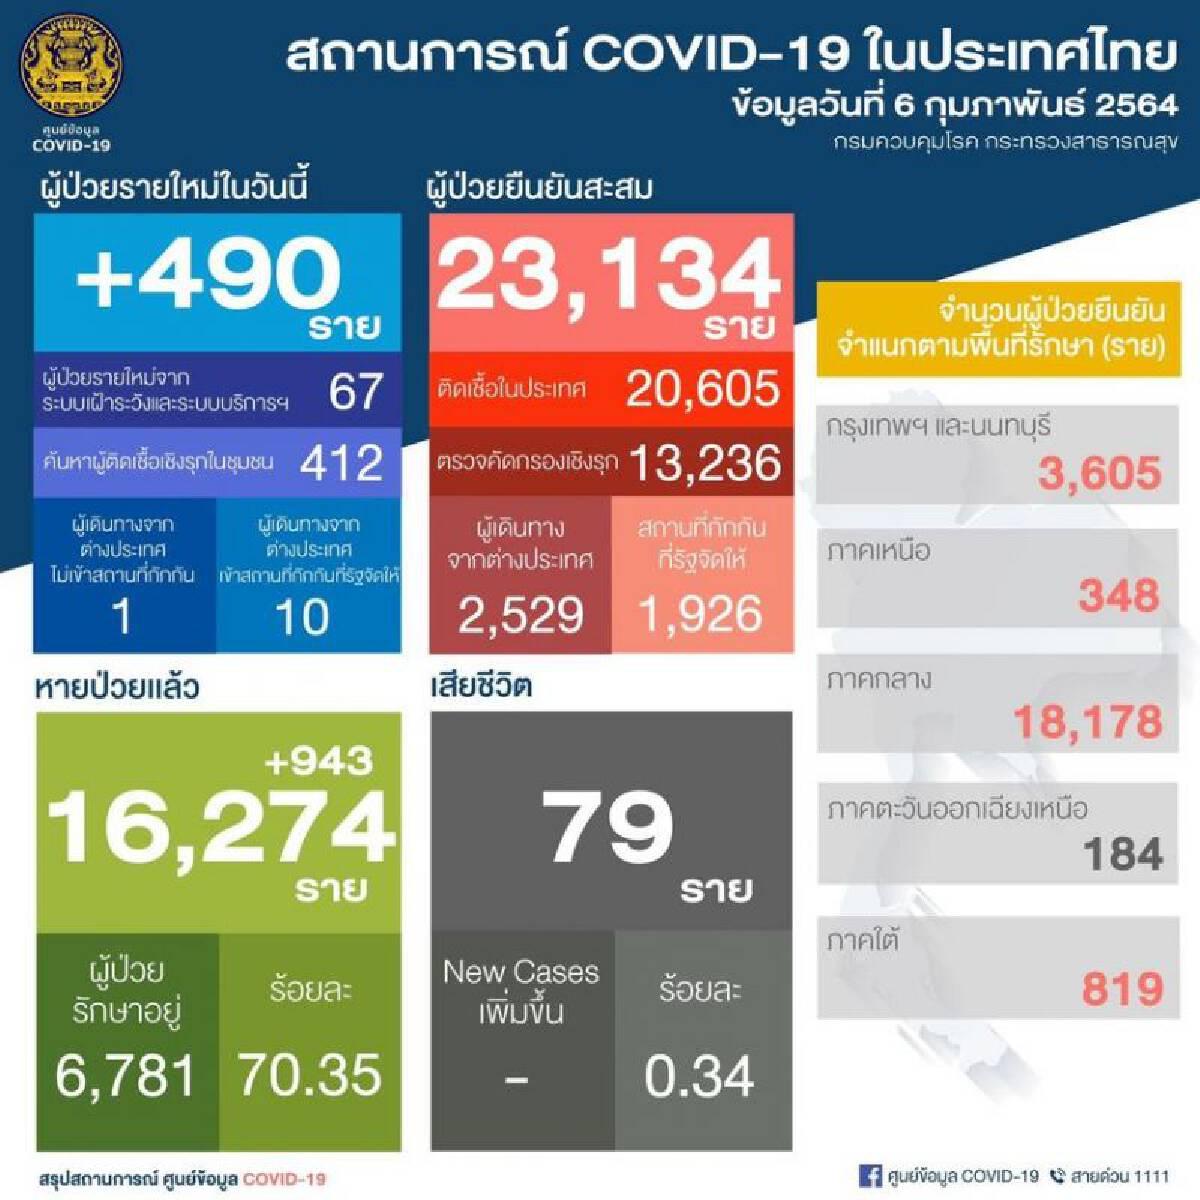 ยอดติดเชื้อโควิด 6 ก.พ.64 รายใหม่ 490 หายป่วยเพิ่ม 943 สะสมทะลุ 23,000 ราย